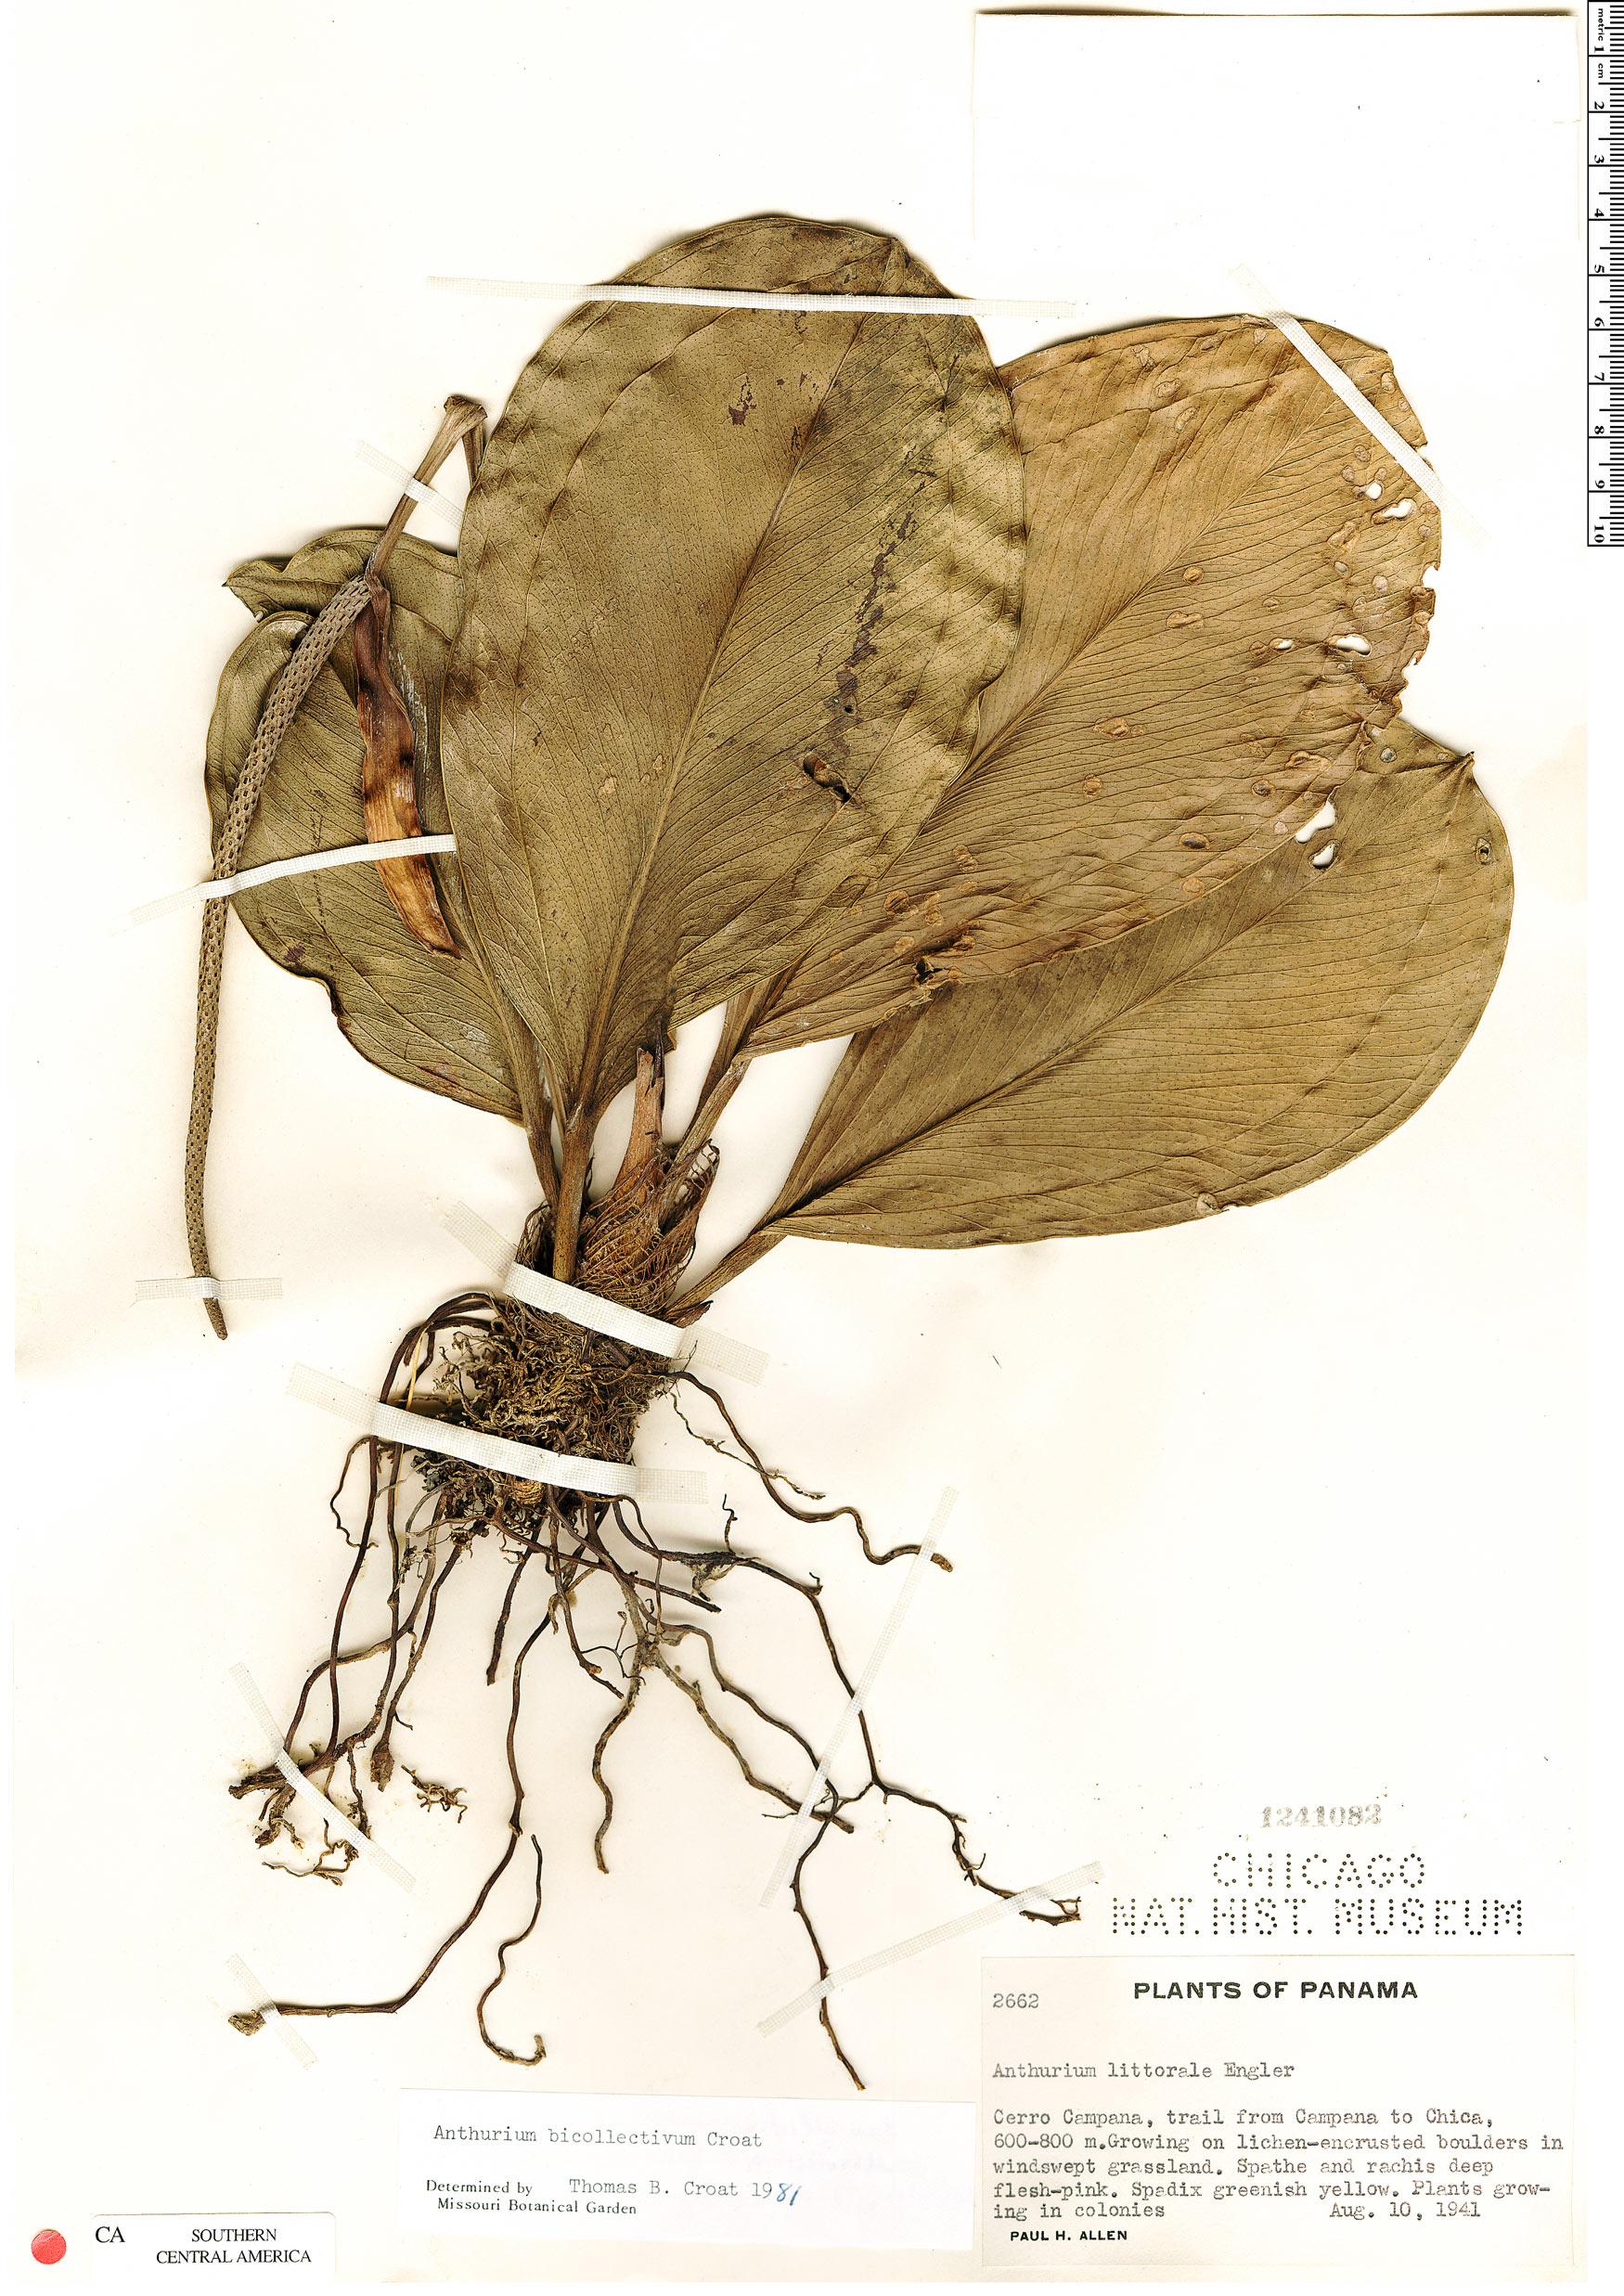 Espécime: Anthurium bicollectivum